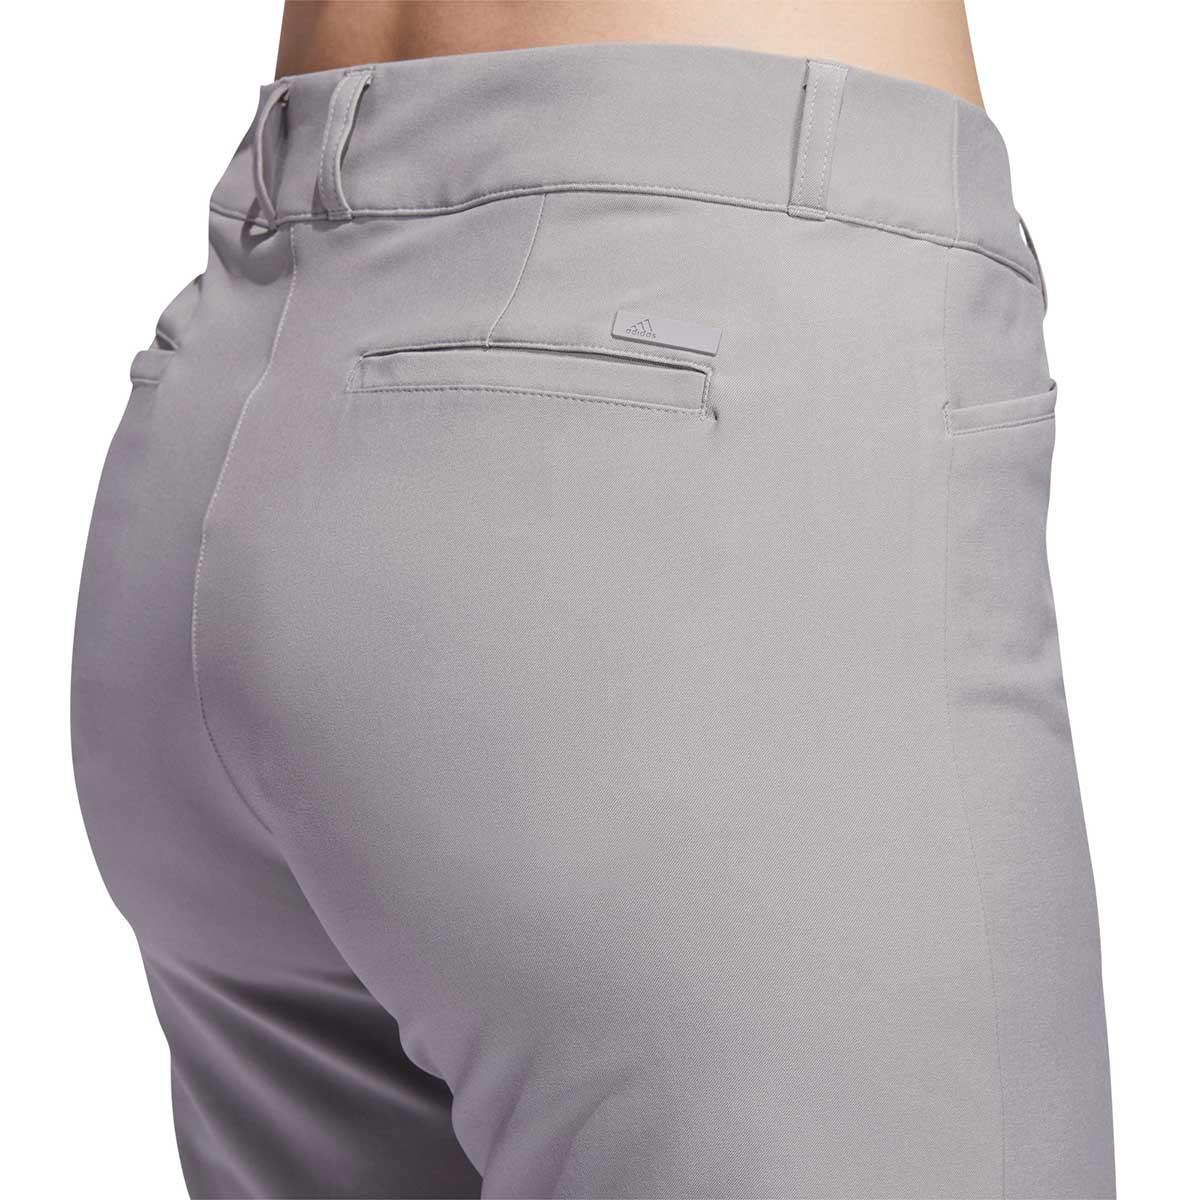 Adidas Women's Ultimate Club 7-Inch Grey Shorts